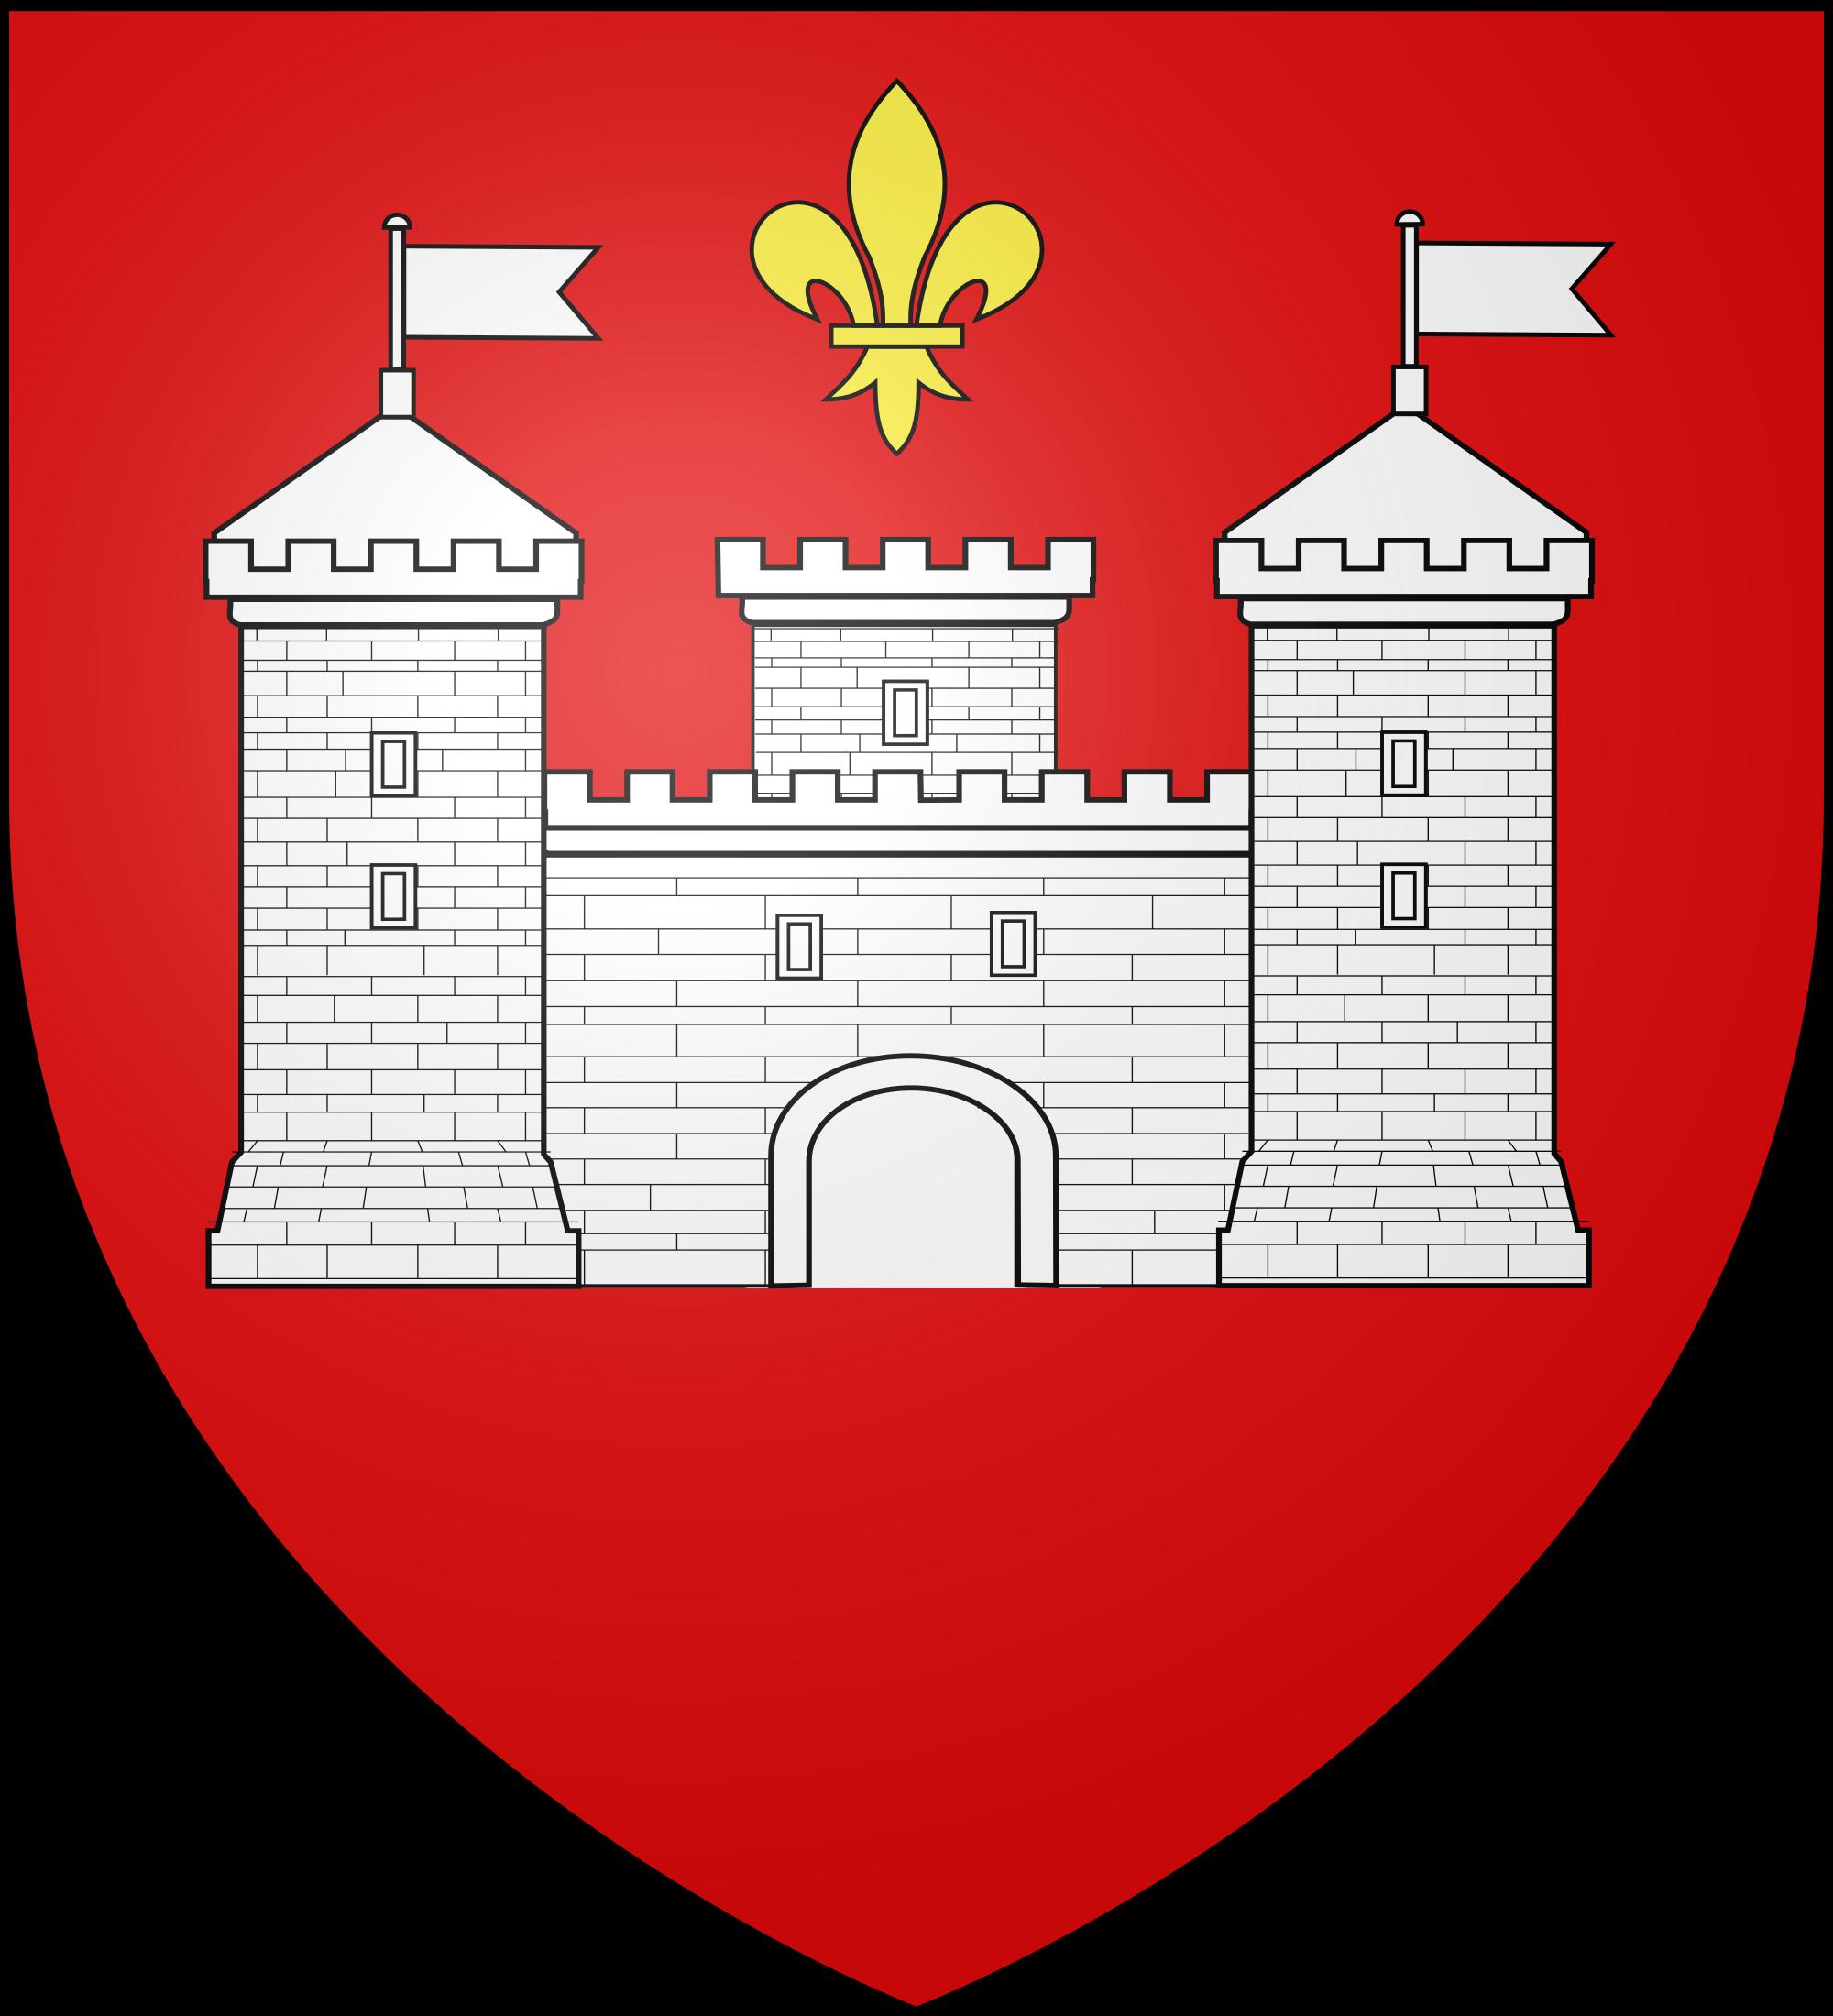 File:Blason ville fr Périgueux (Dordogne).svg.